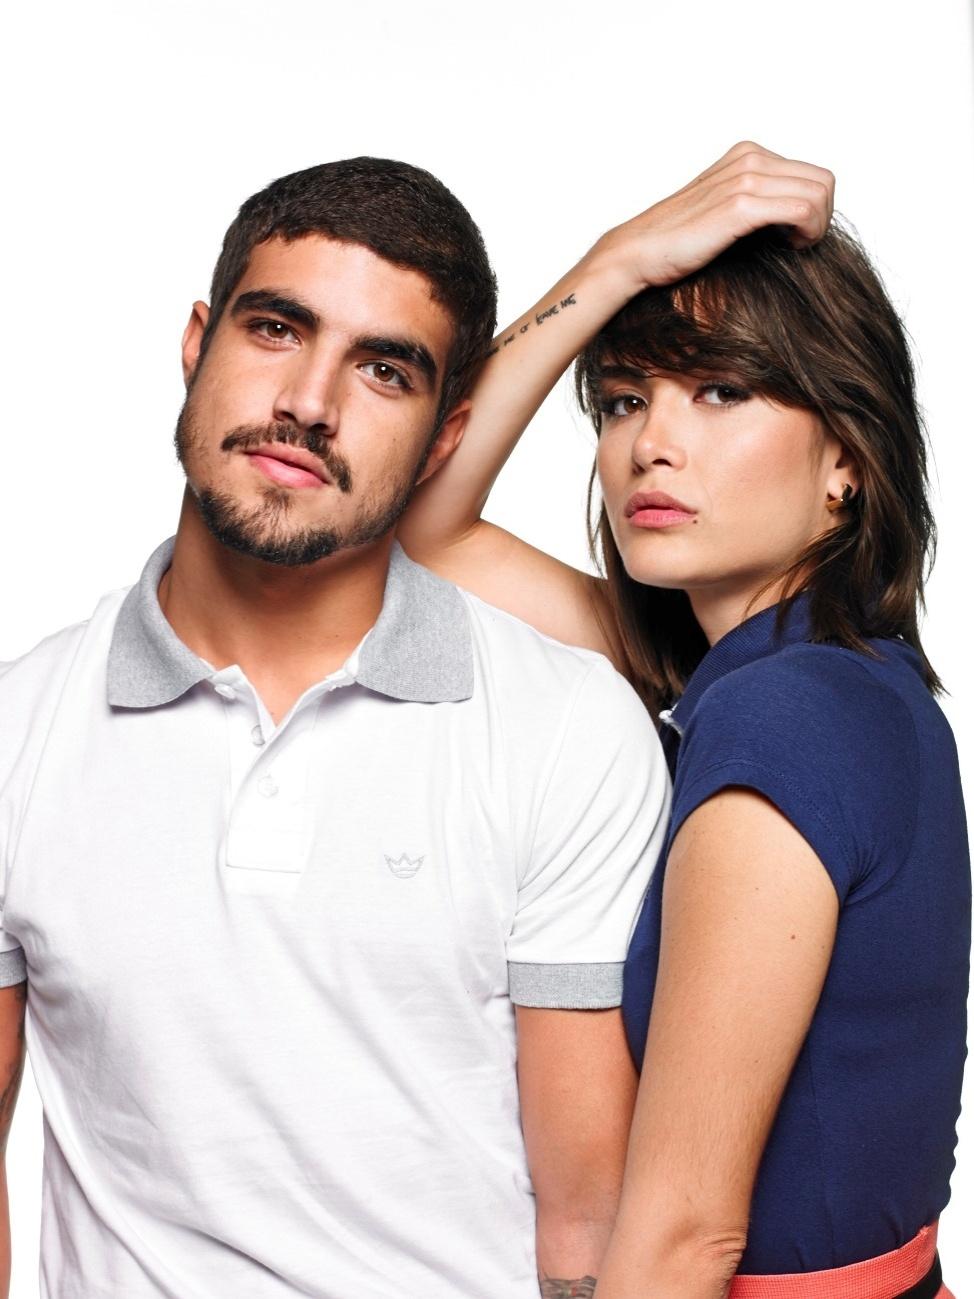 Caio Castro e Maria Casadevall, que já foram flagrados várias vezes juntos, participam de campanha de Dia dos Namorados para marca de roupas